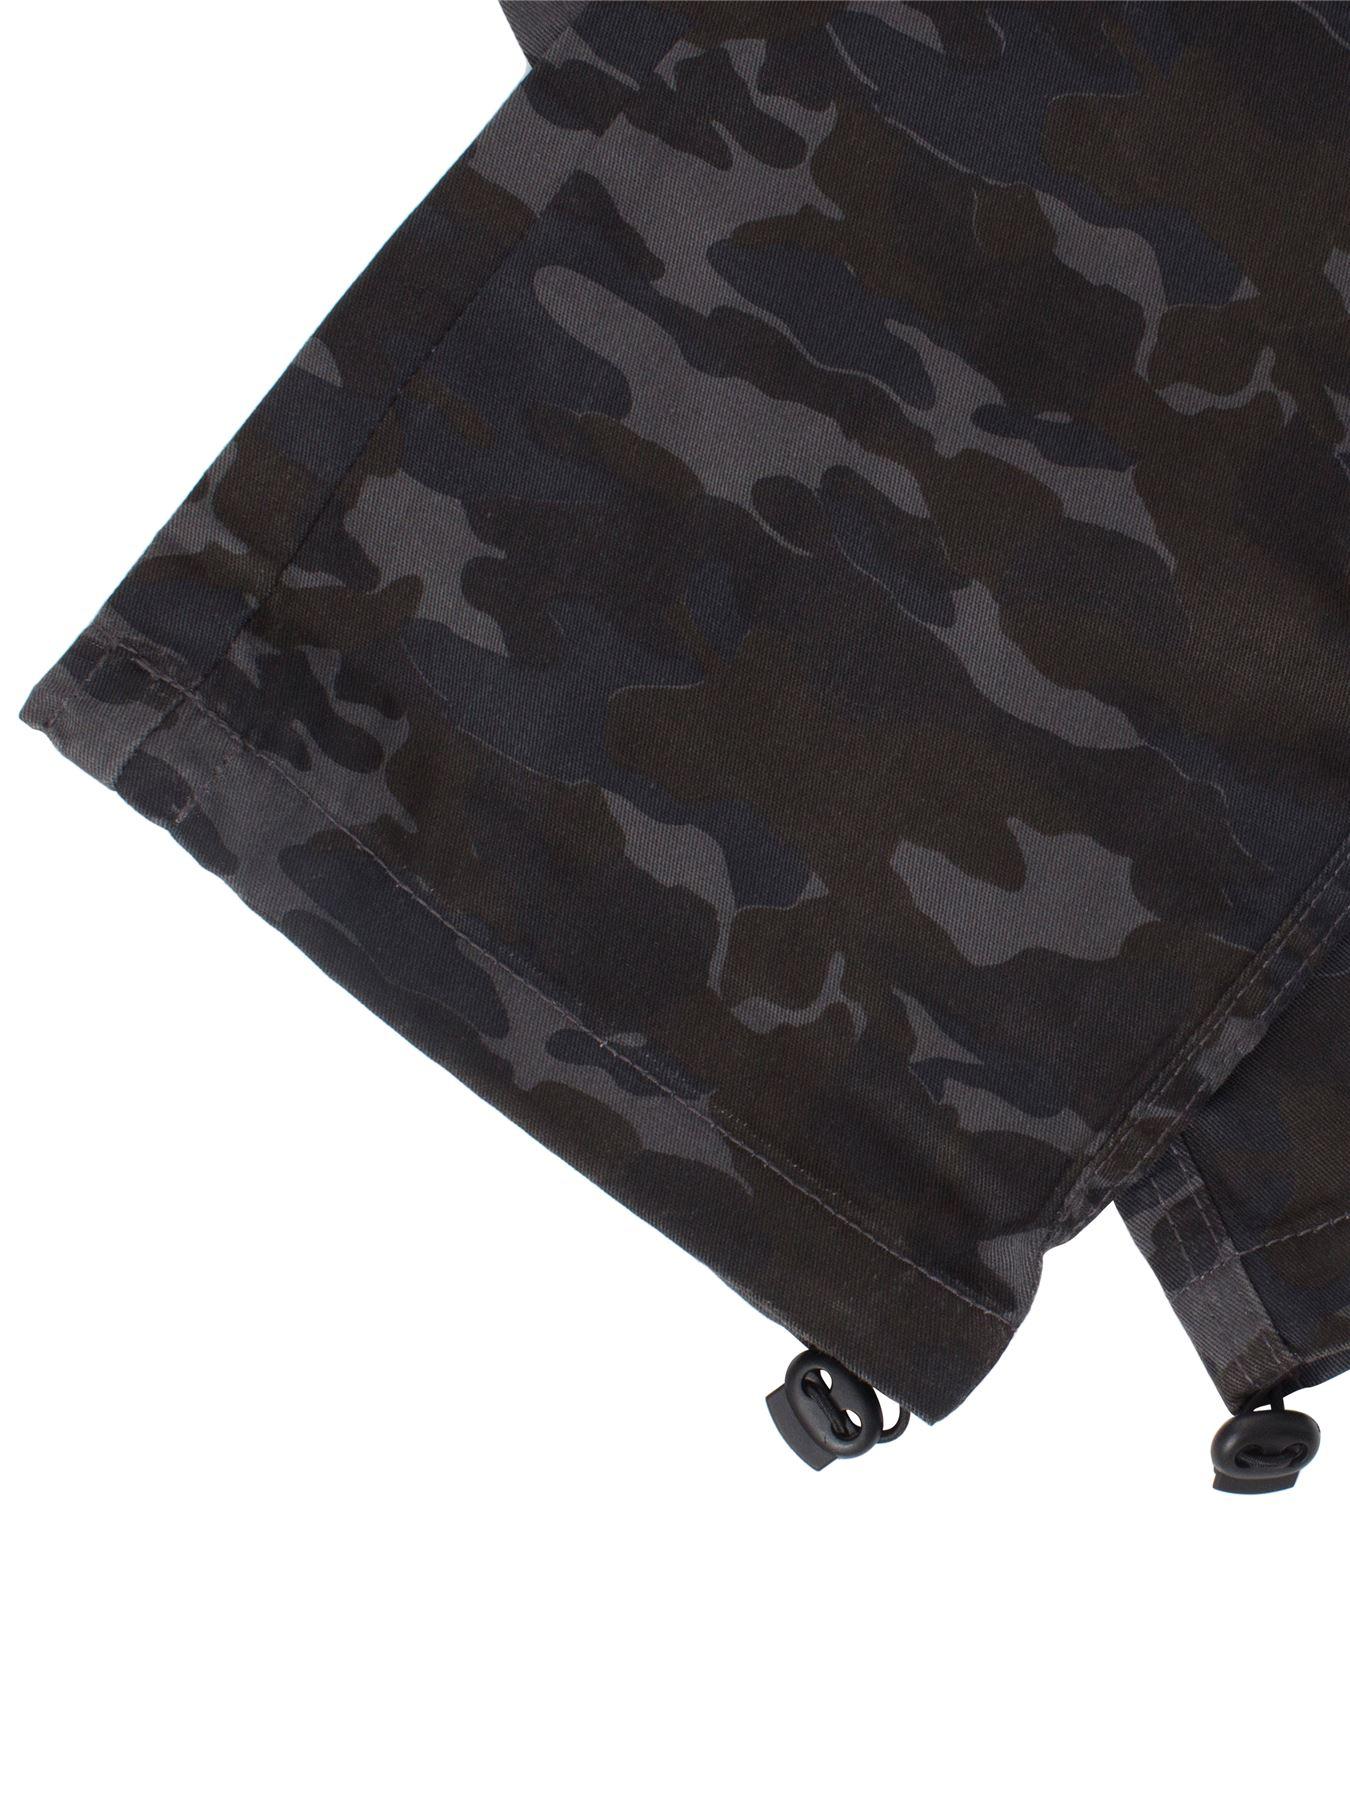 Kruze-Uomo-Militare-Pantaloni-Camouflage-Cargo-Mimetico-Casual-Lavoro miniatura 38